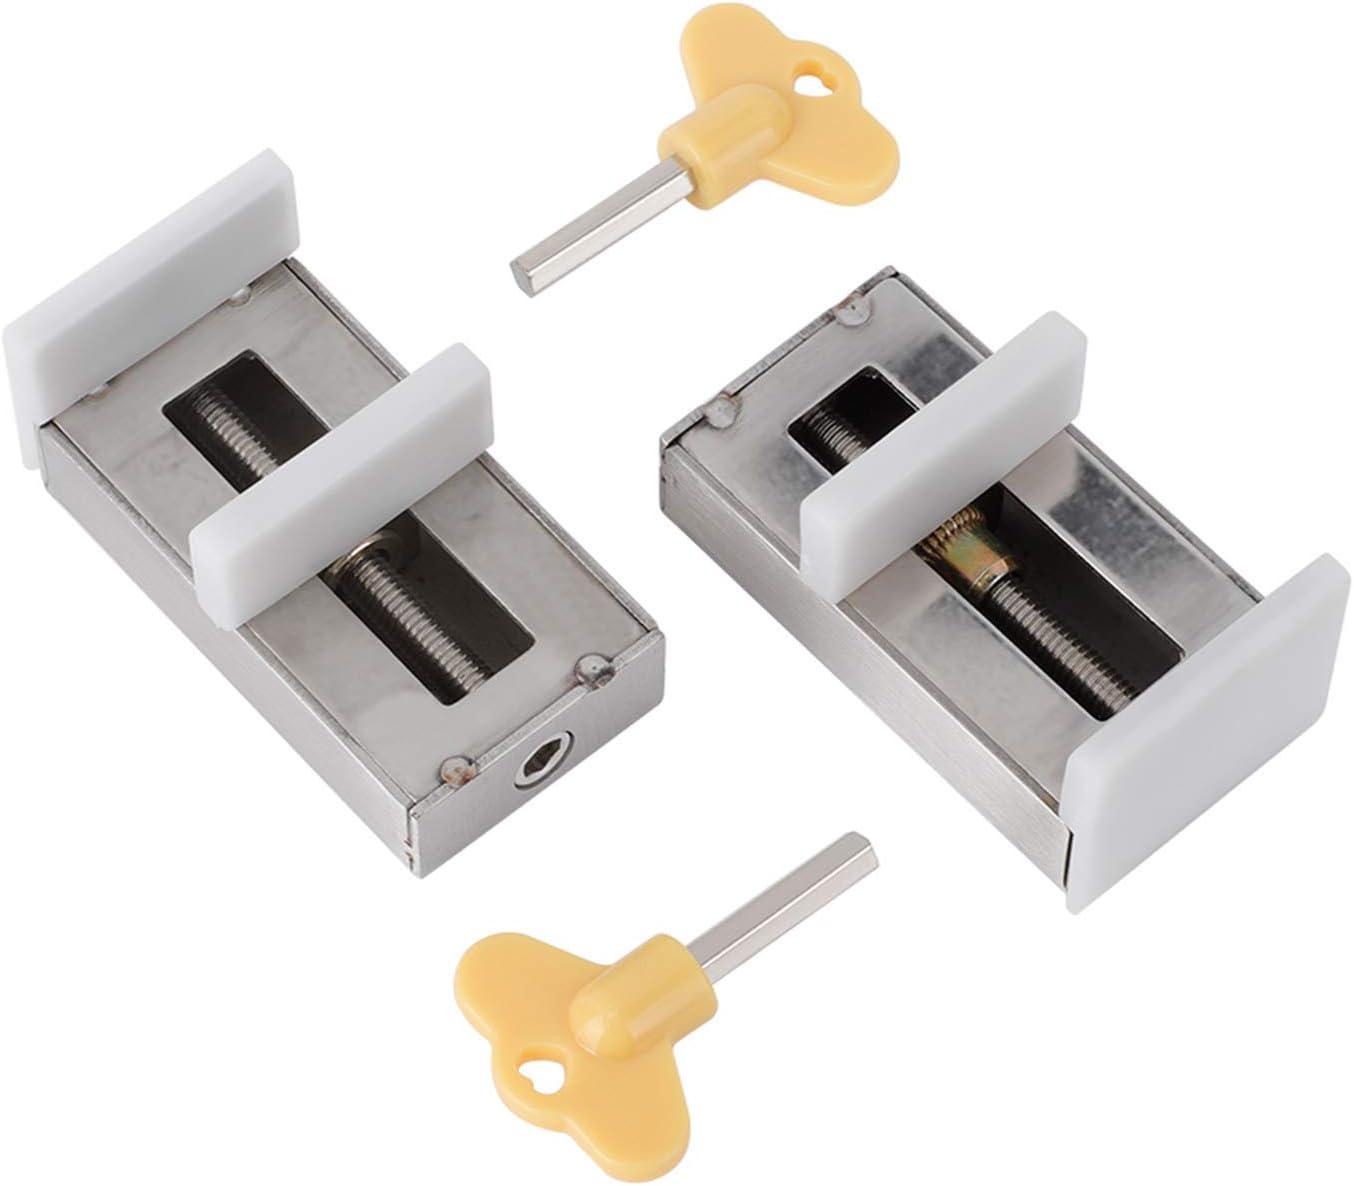 Pack de 2 cerraduras correderas para ventanas,bloqueo de seguridad para marco de puerta de aleación de aluminio con llave ,seguridad para niños antirrobo